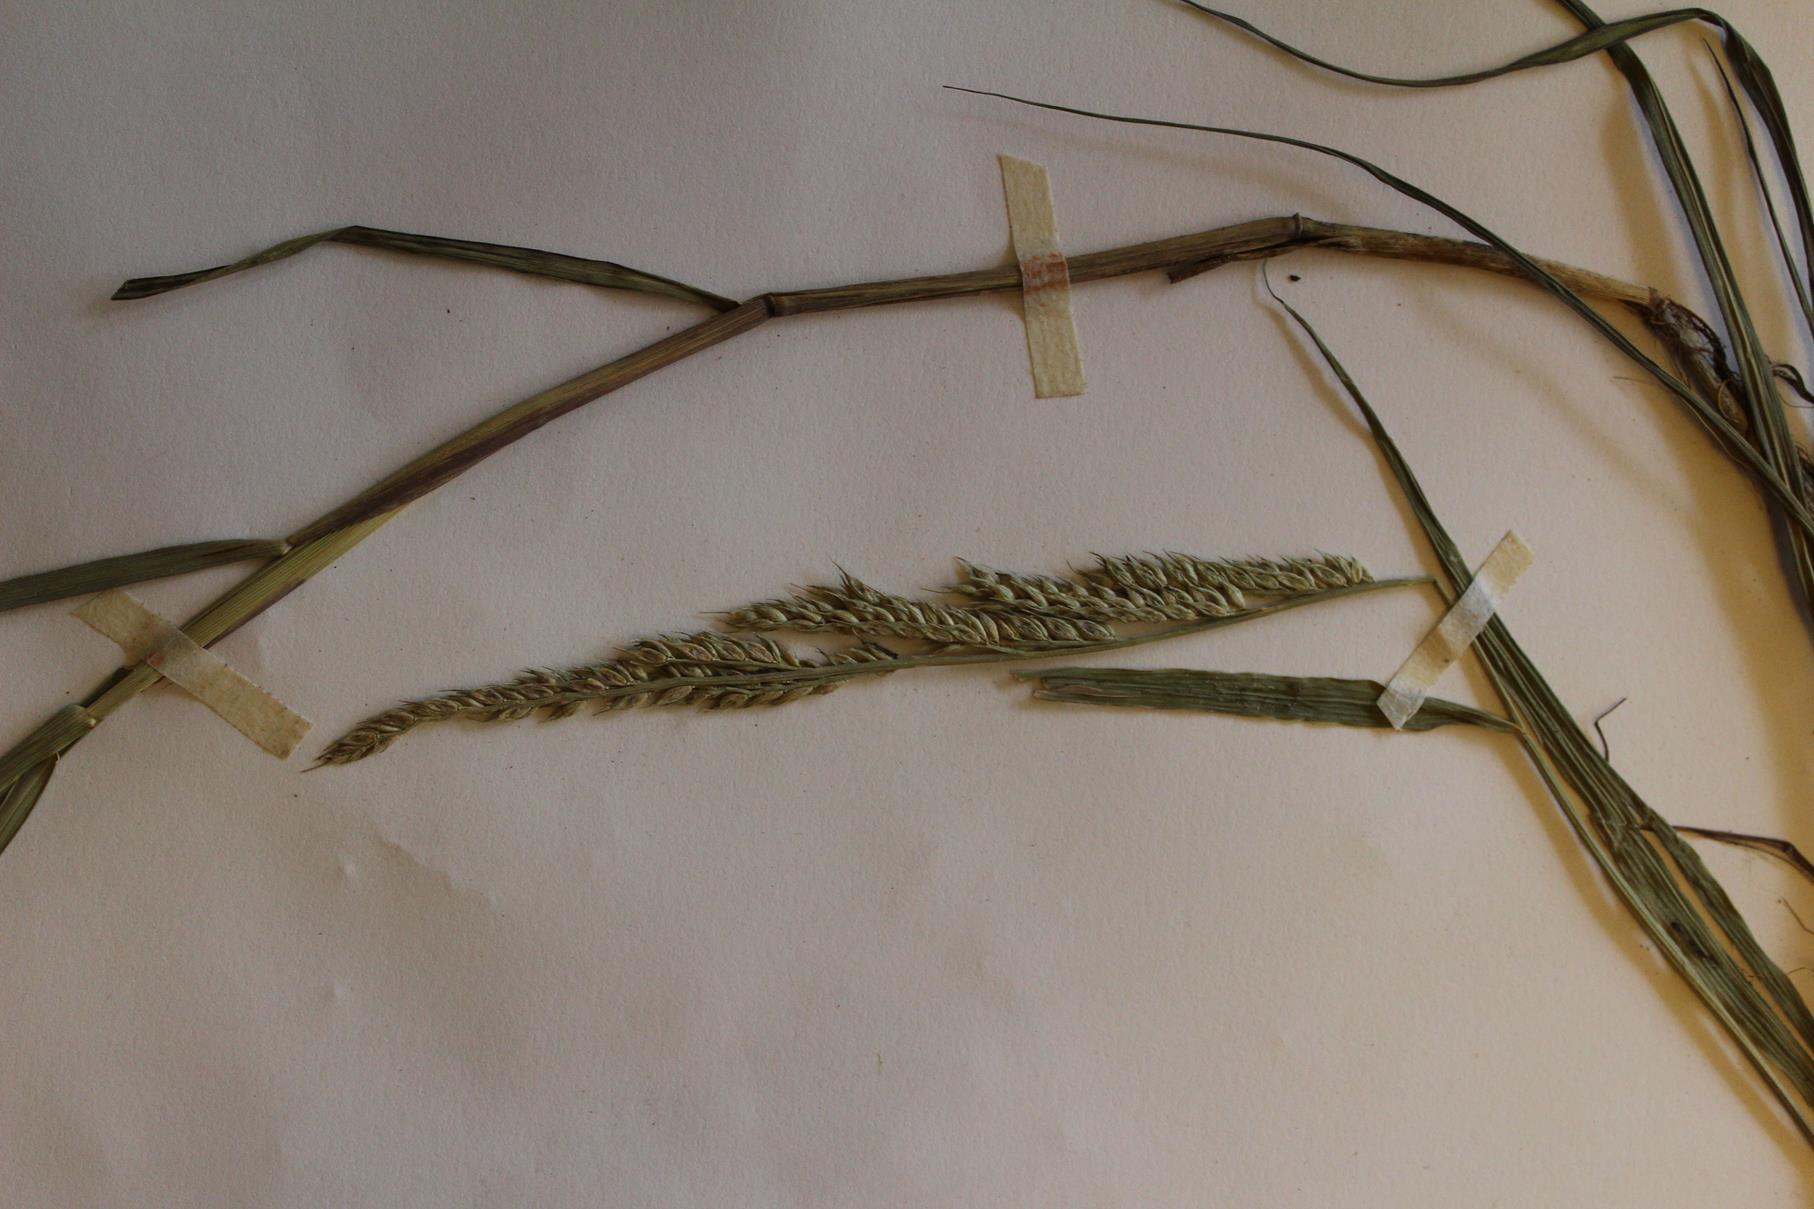 Echinochloa ugandensis